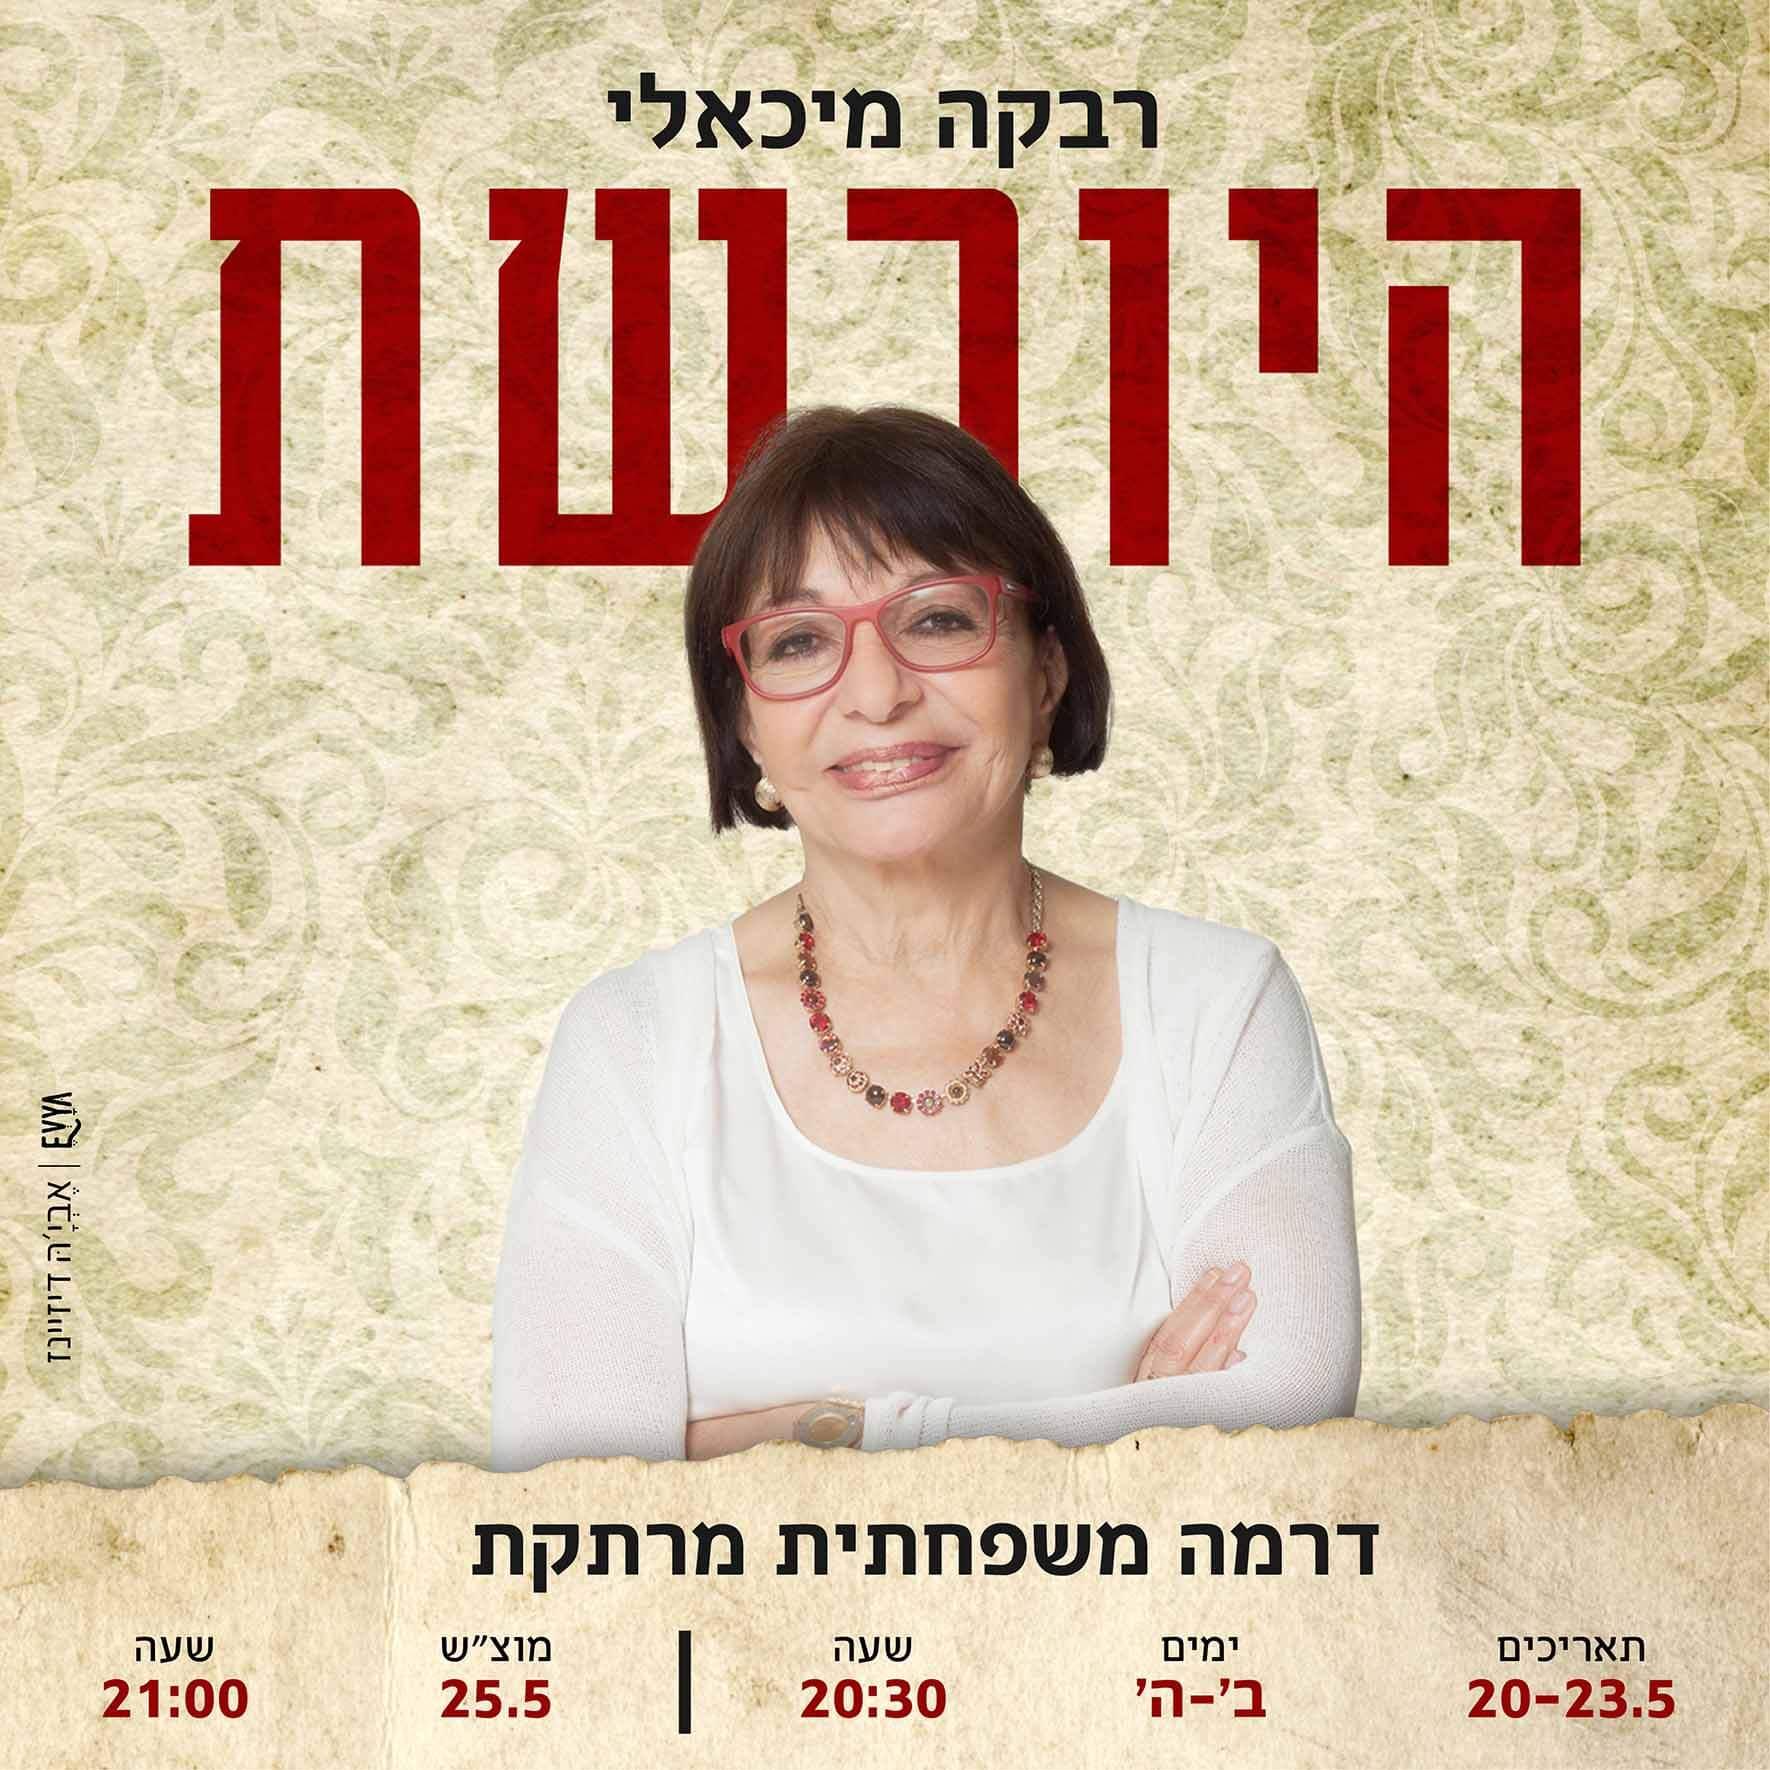 עיצוב וכתיבת פוסט יחד עם קמפיין ממומן בפייסבוק להגדלת מכירות של ההצגה היורשת של השחקנית רבקה מיכאלי